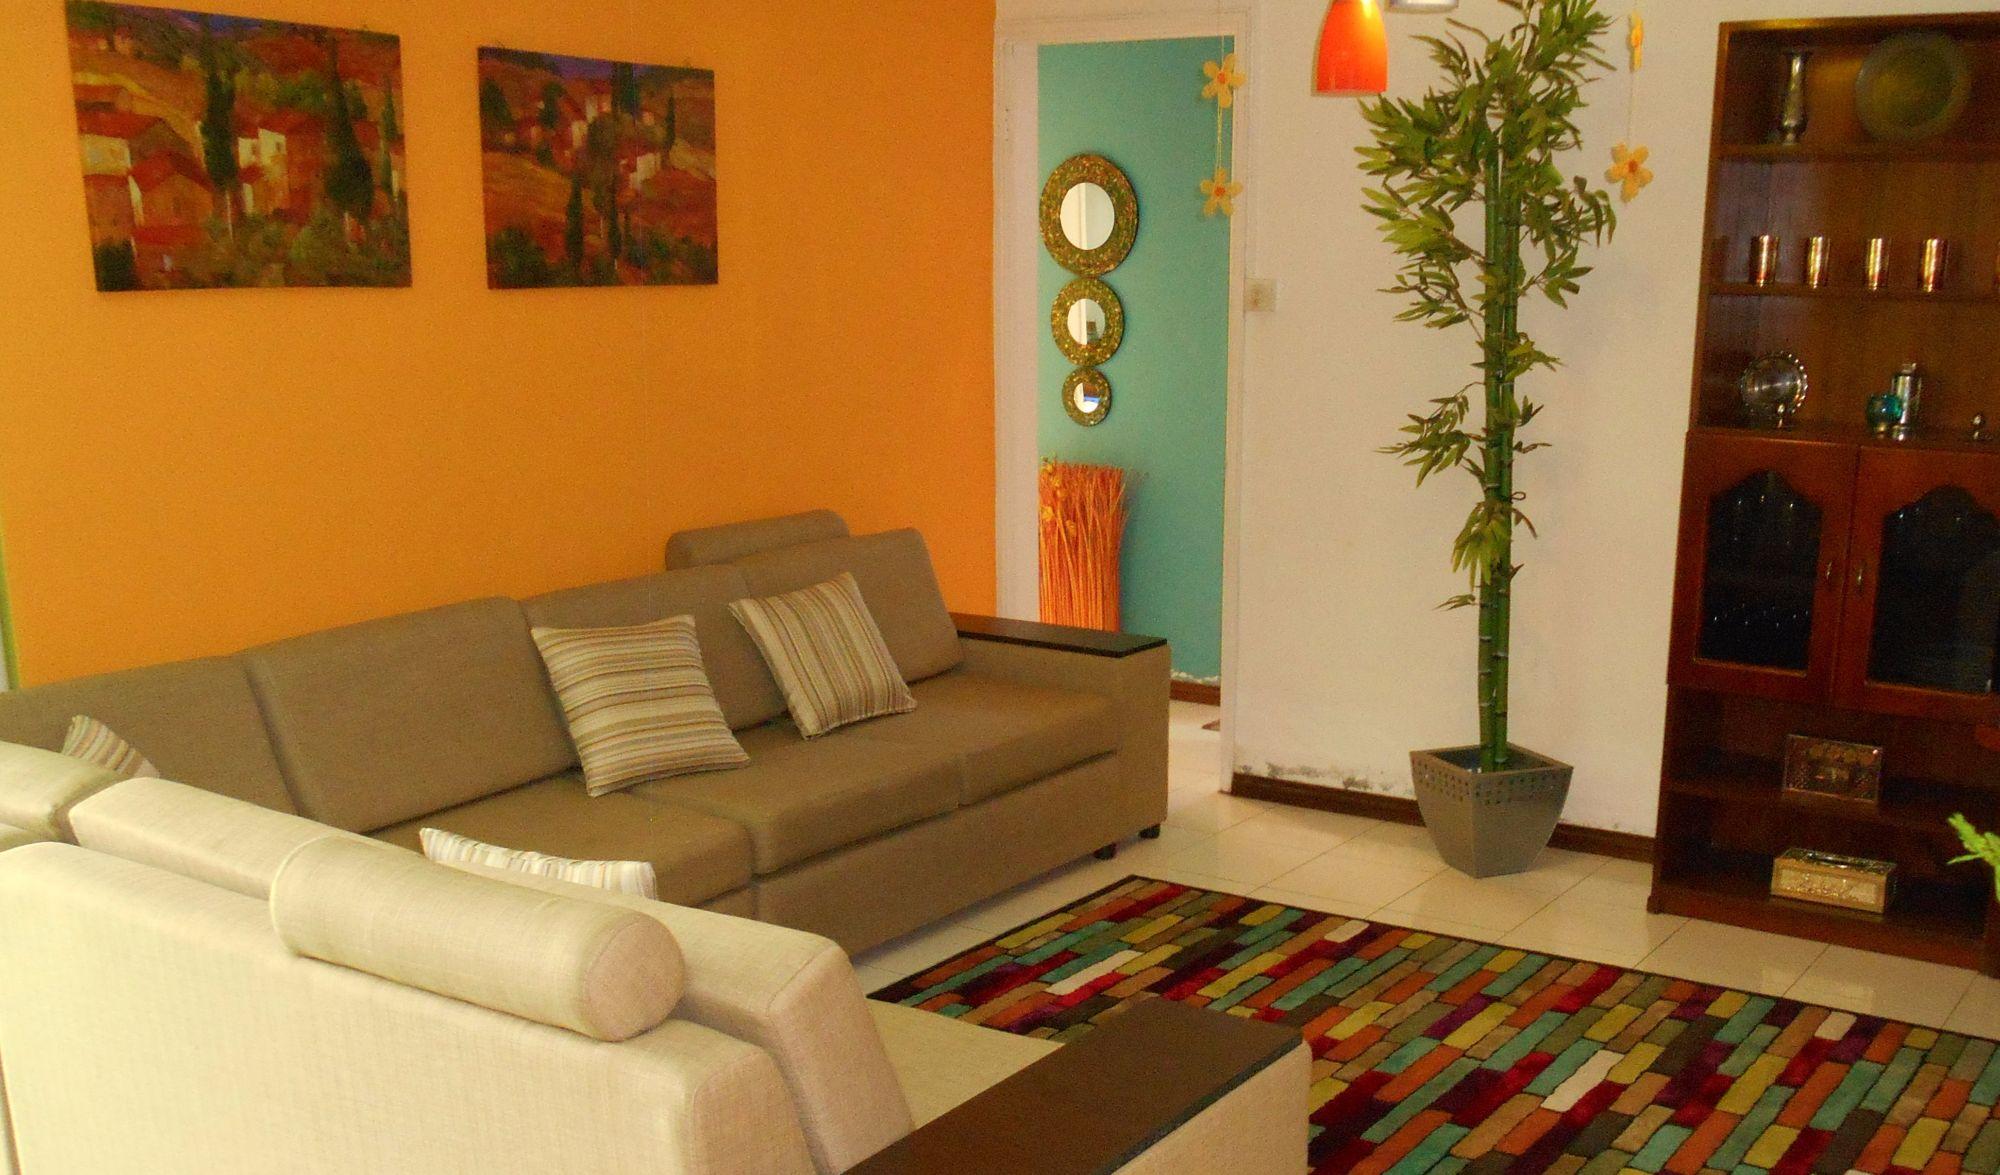 Ce bel appartement de 92 m2 se situe proche de toutes les facilités, dans une résidence à Rose Hill. Prix très attractif !!!